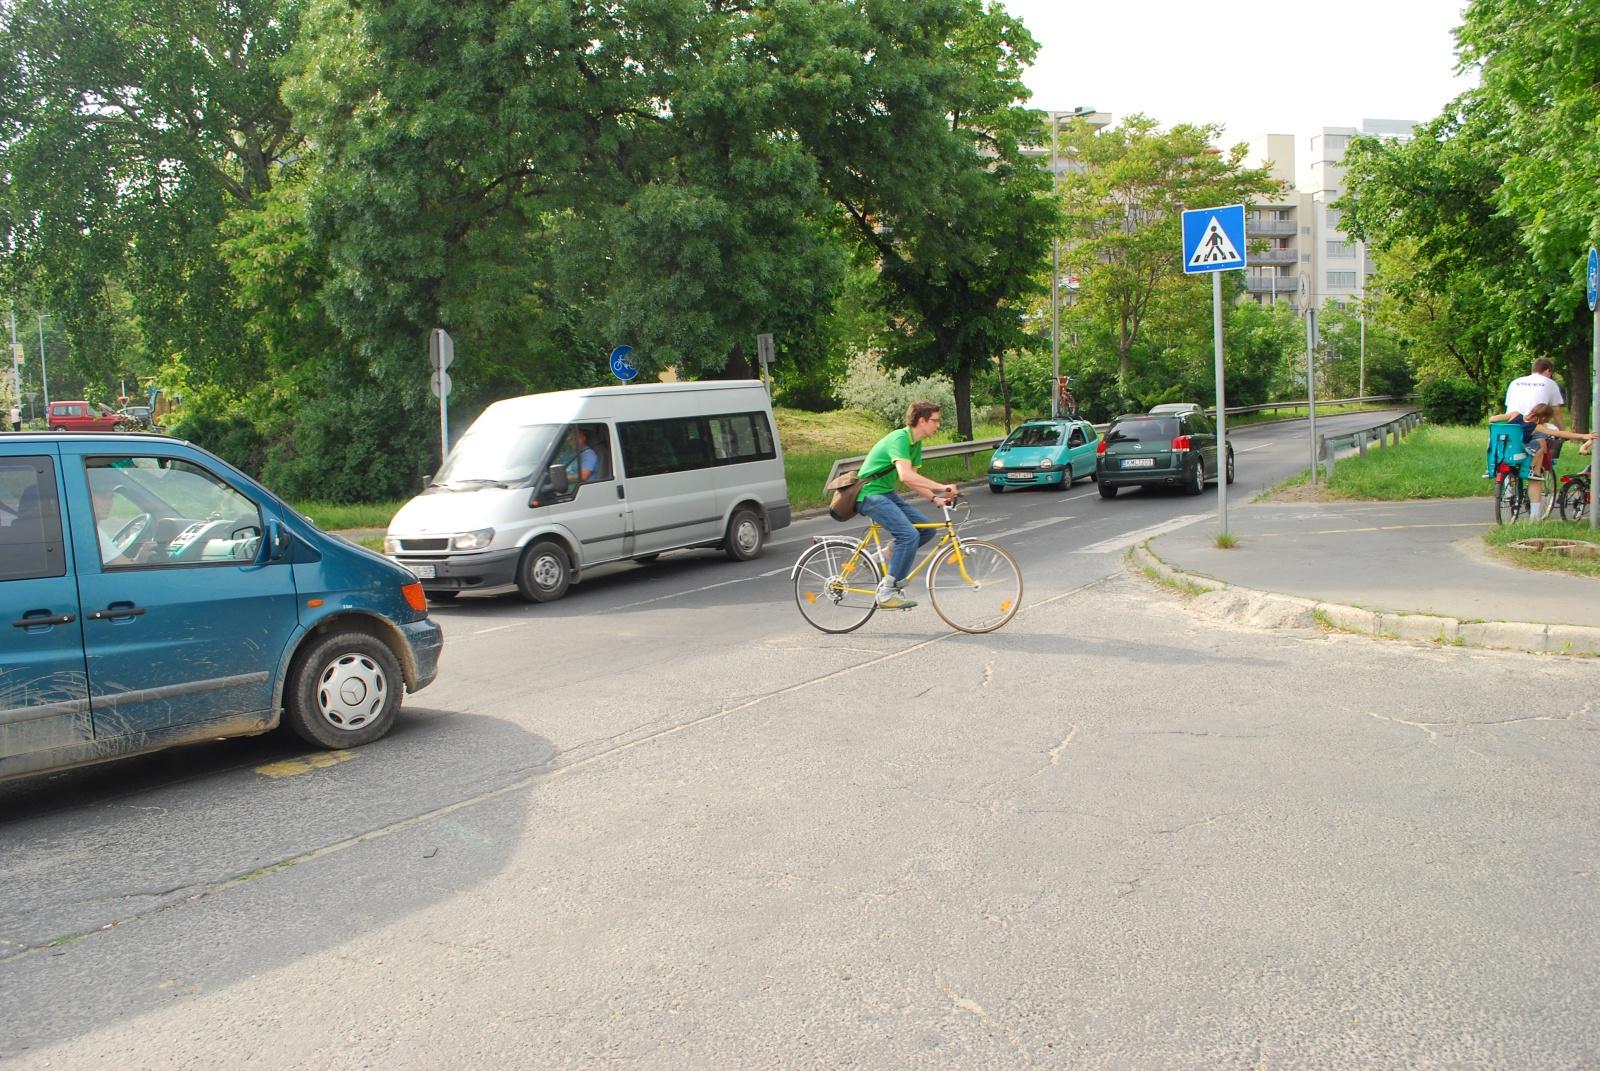 DSC 4738 Ő még nem tudja, hogy a Mercedes furgonokkal nem szabad